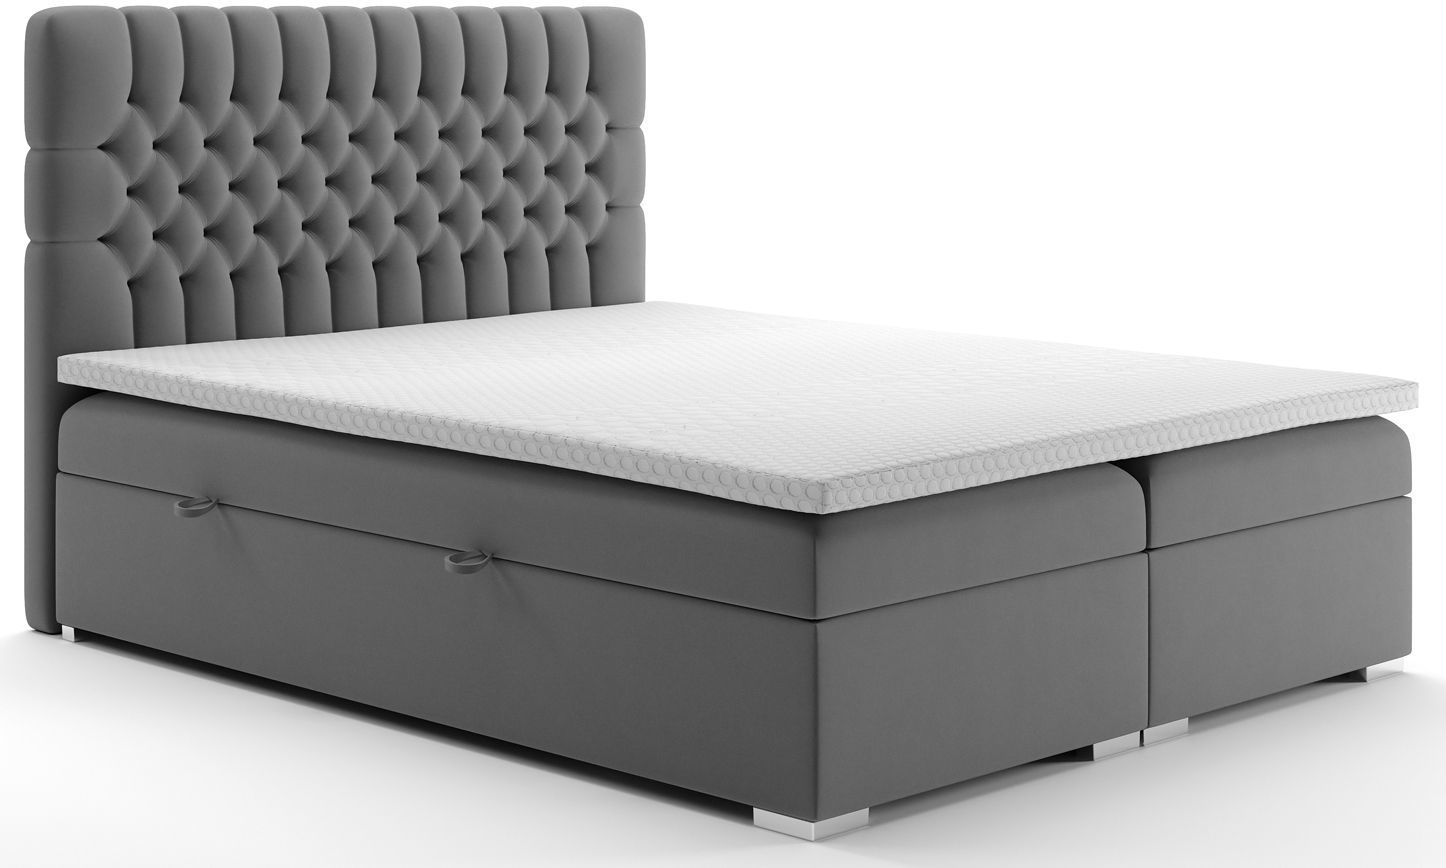 Podwójne łóżko hotelowe Stilla 140x200 - 58 kolorów